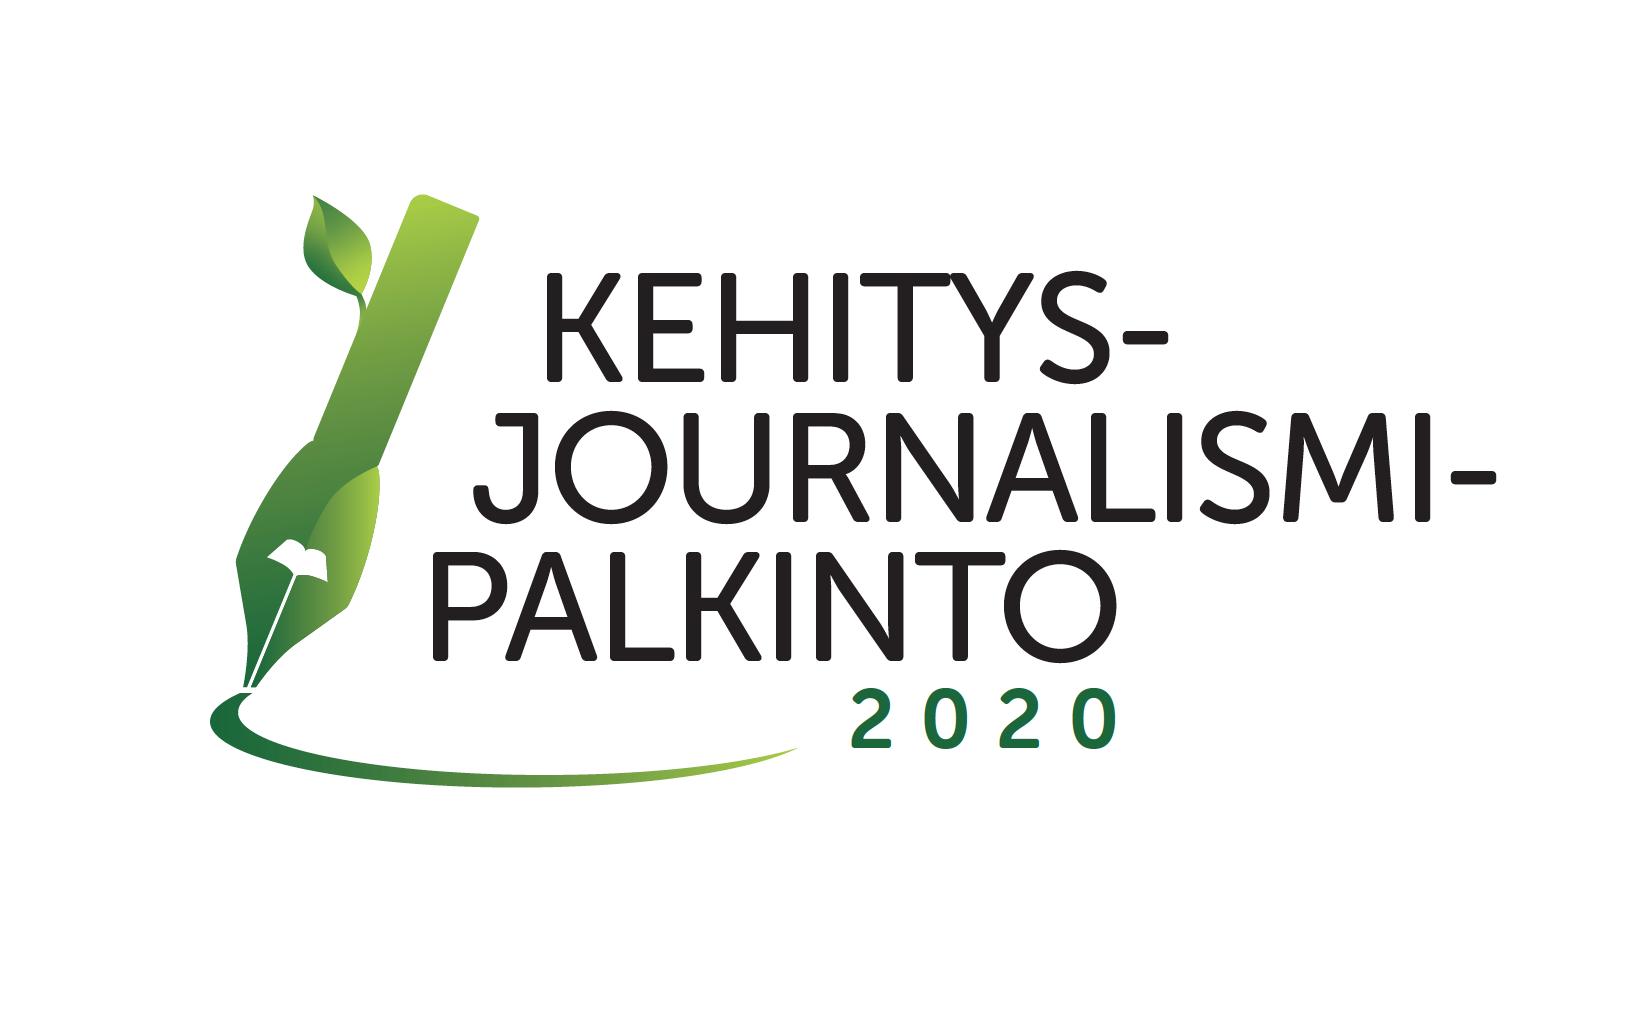 Kehitysjournalismin palkinto -logo